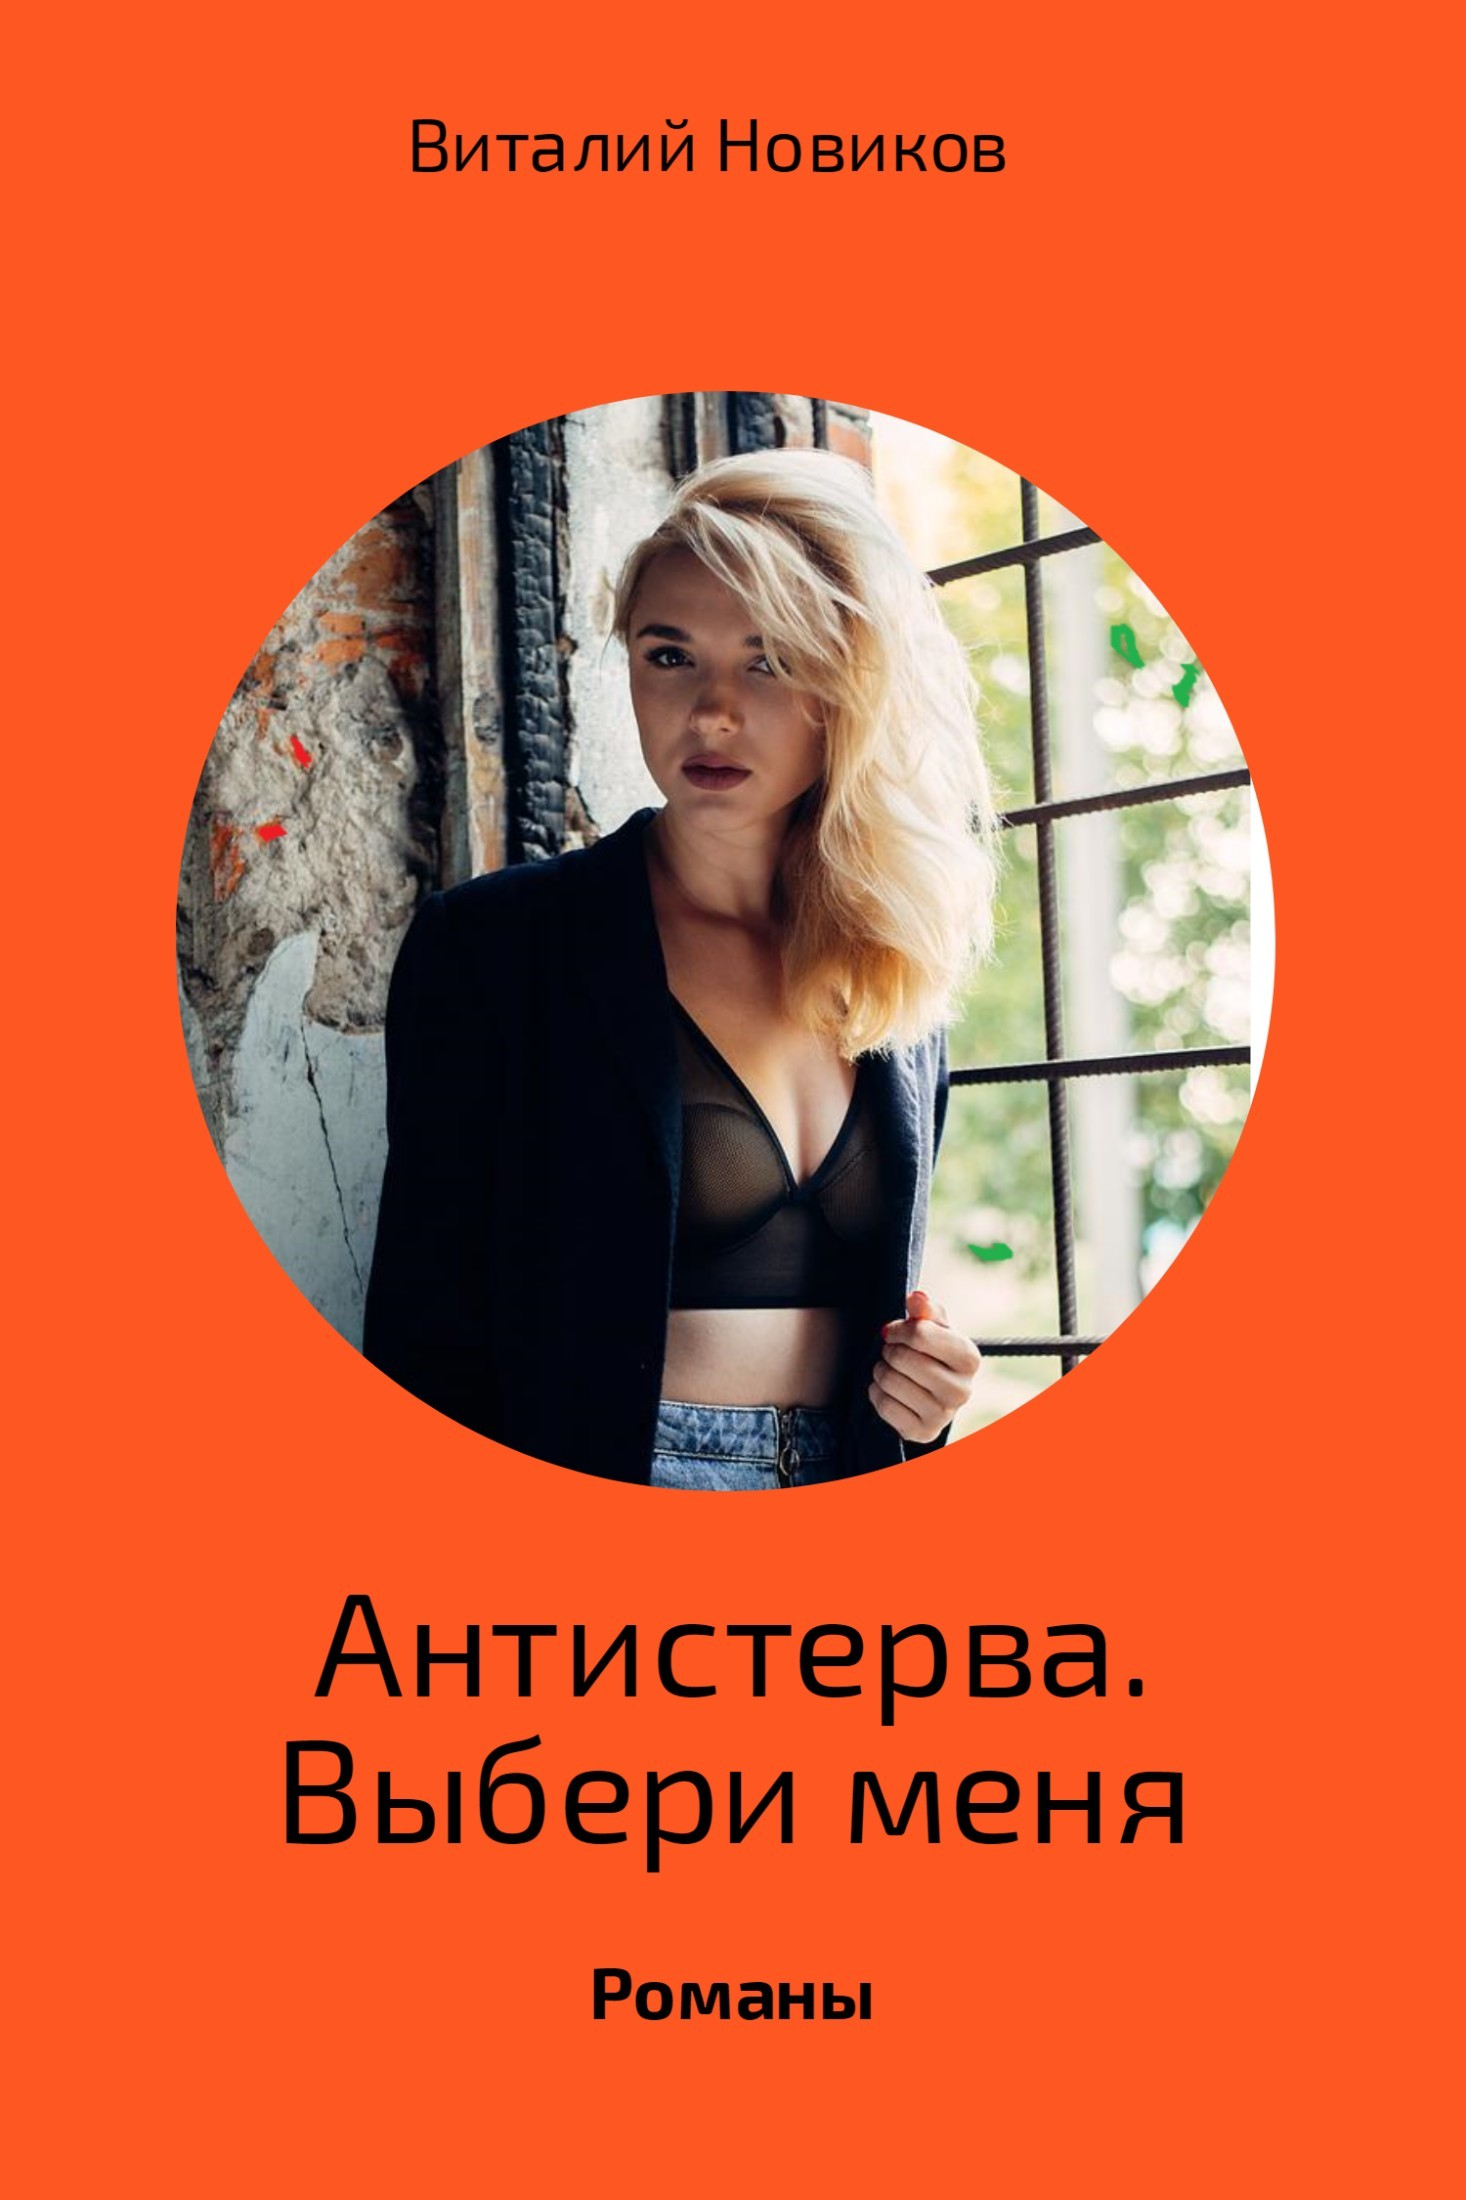 Виталий Новиков - Антистерва. Выбери меня